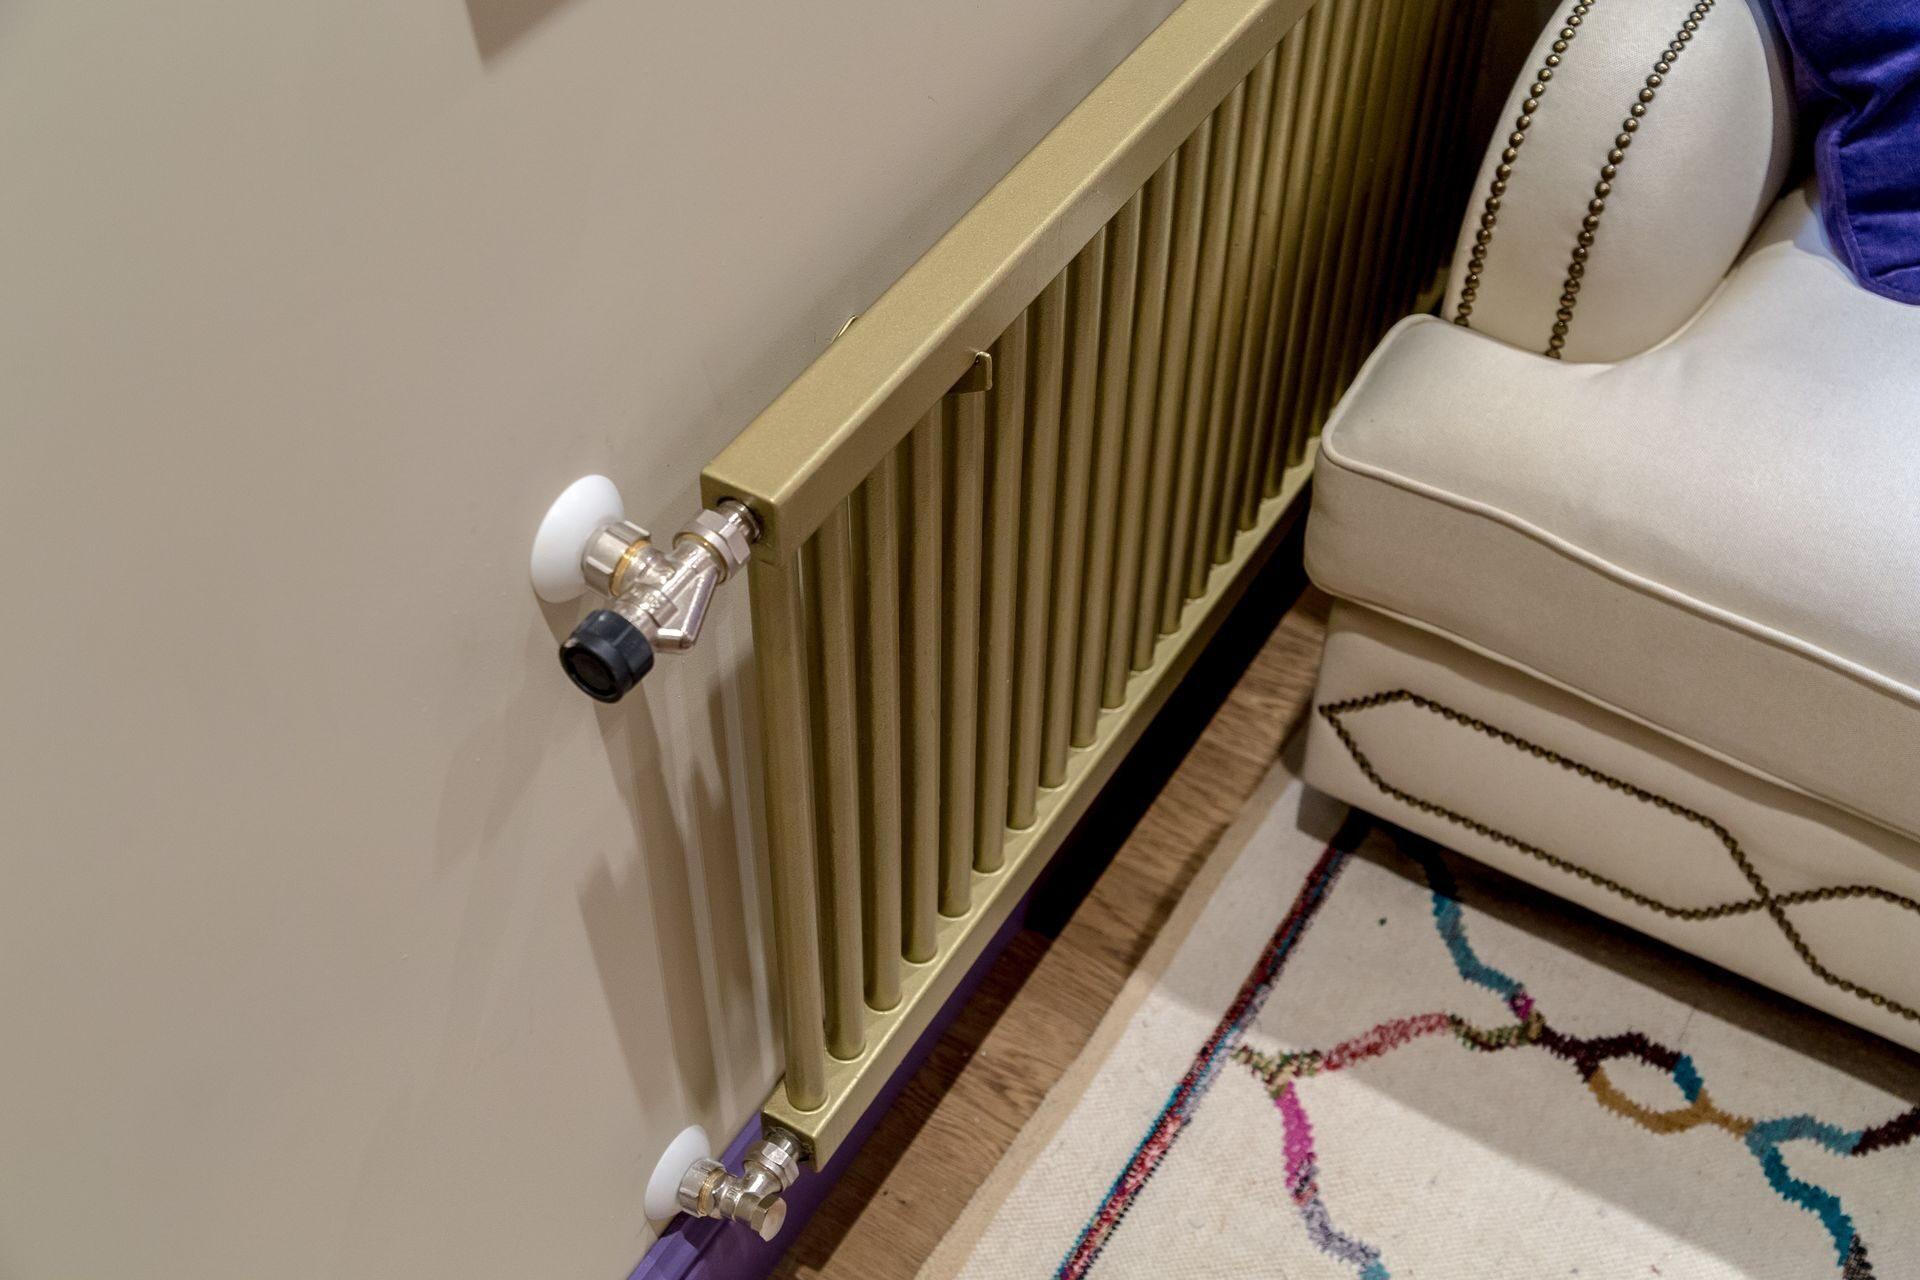 мягкими ветвистыми электрические радиаторы отопления в домах фото серый цвет приемлем